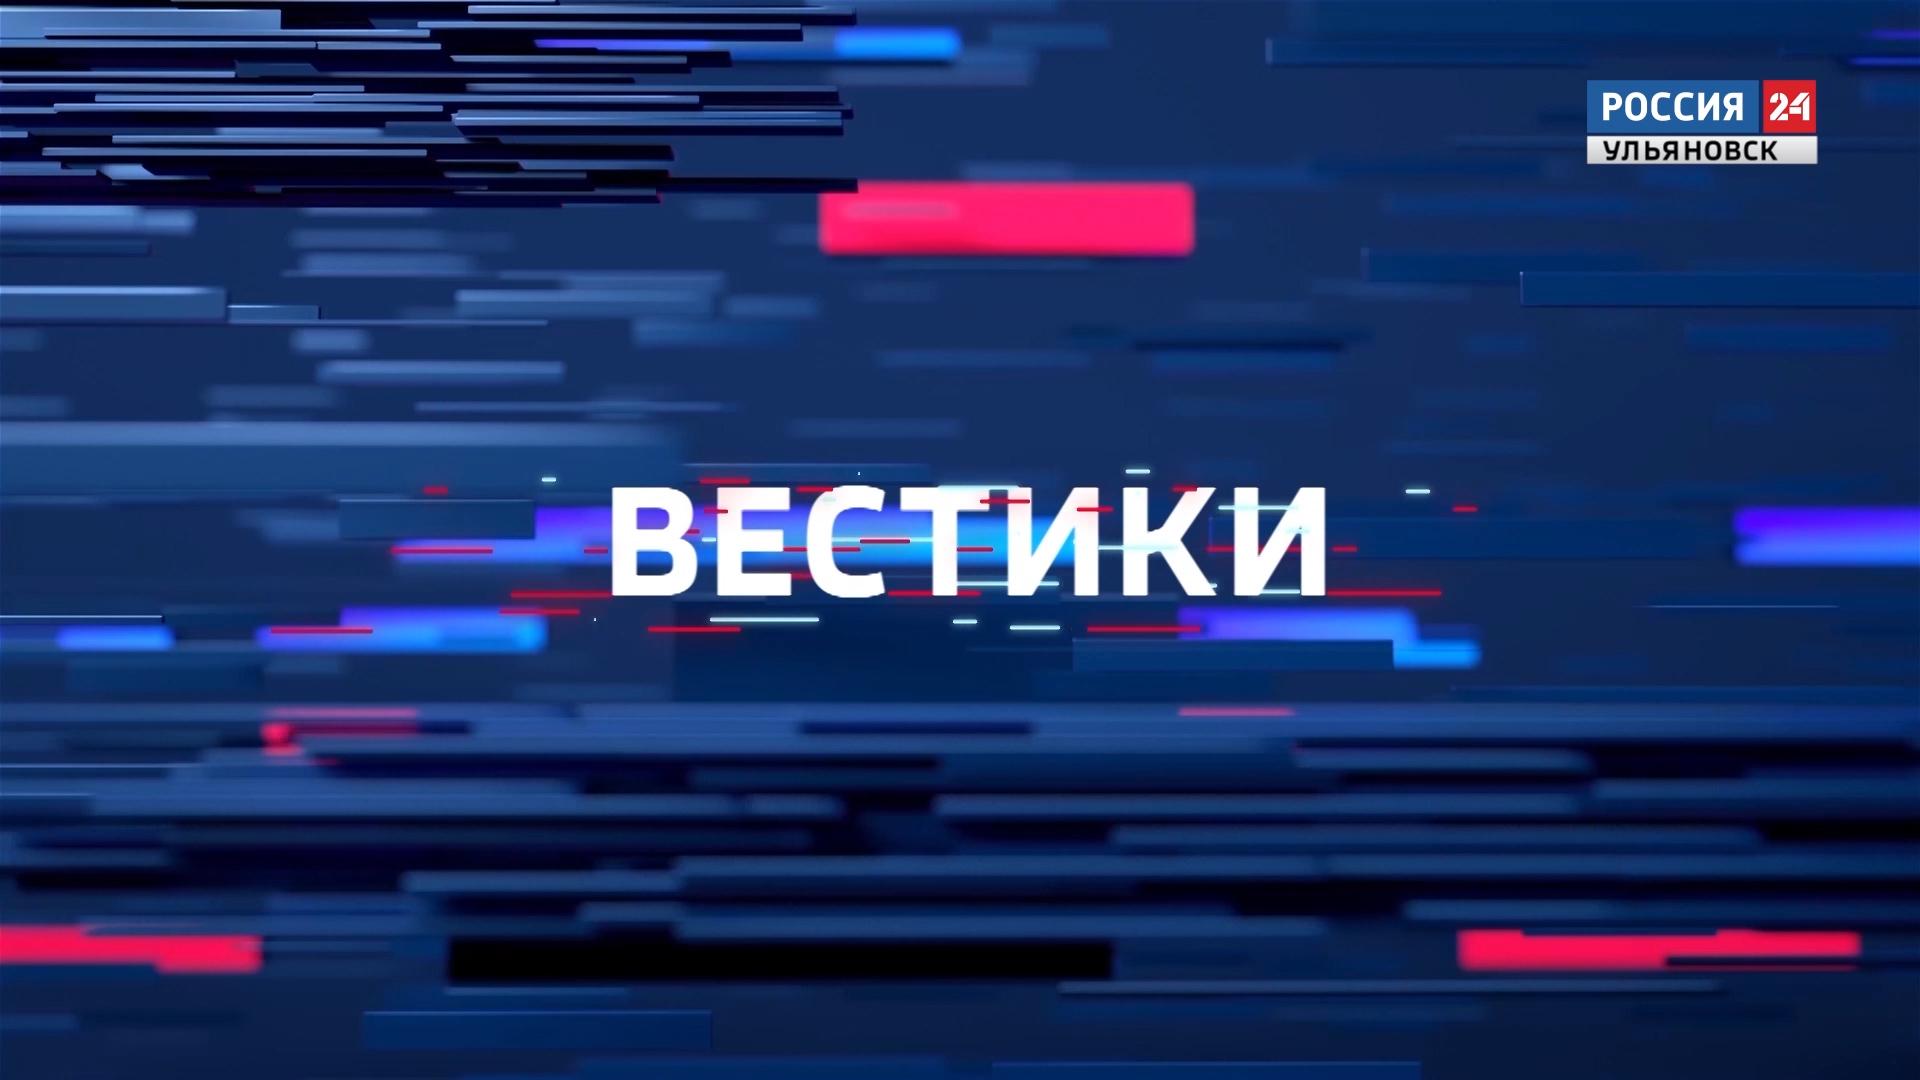 Вестики Выпуск 18 11.04.21